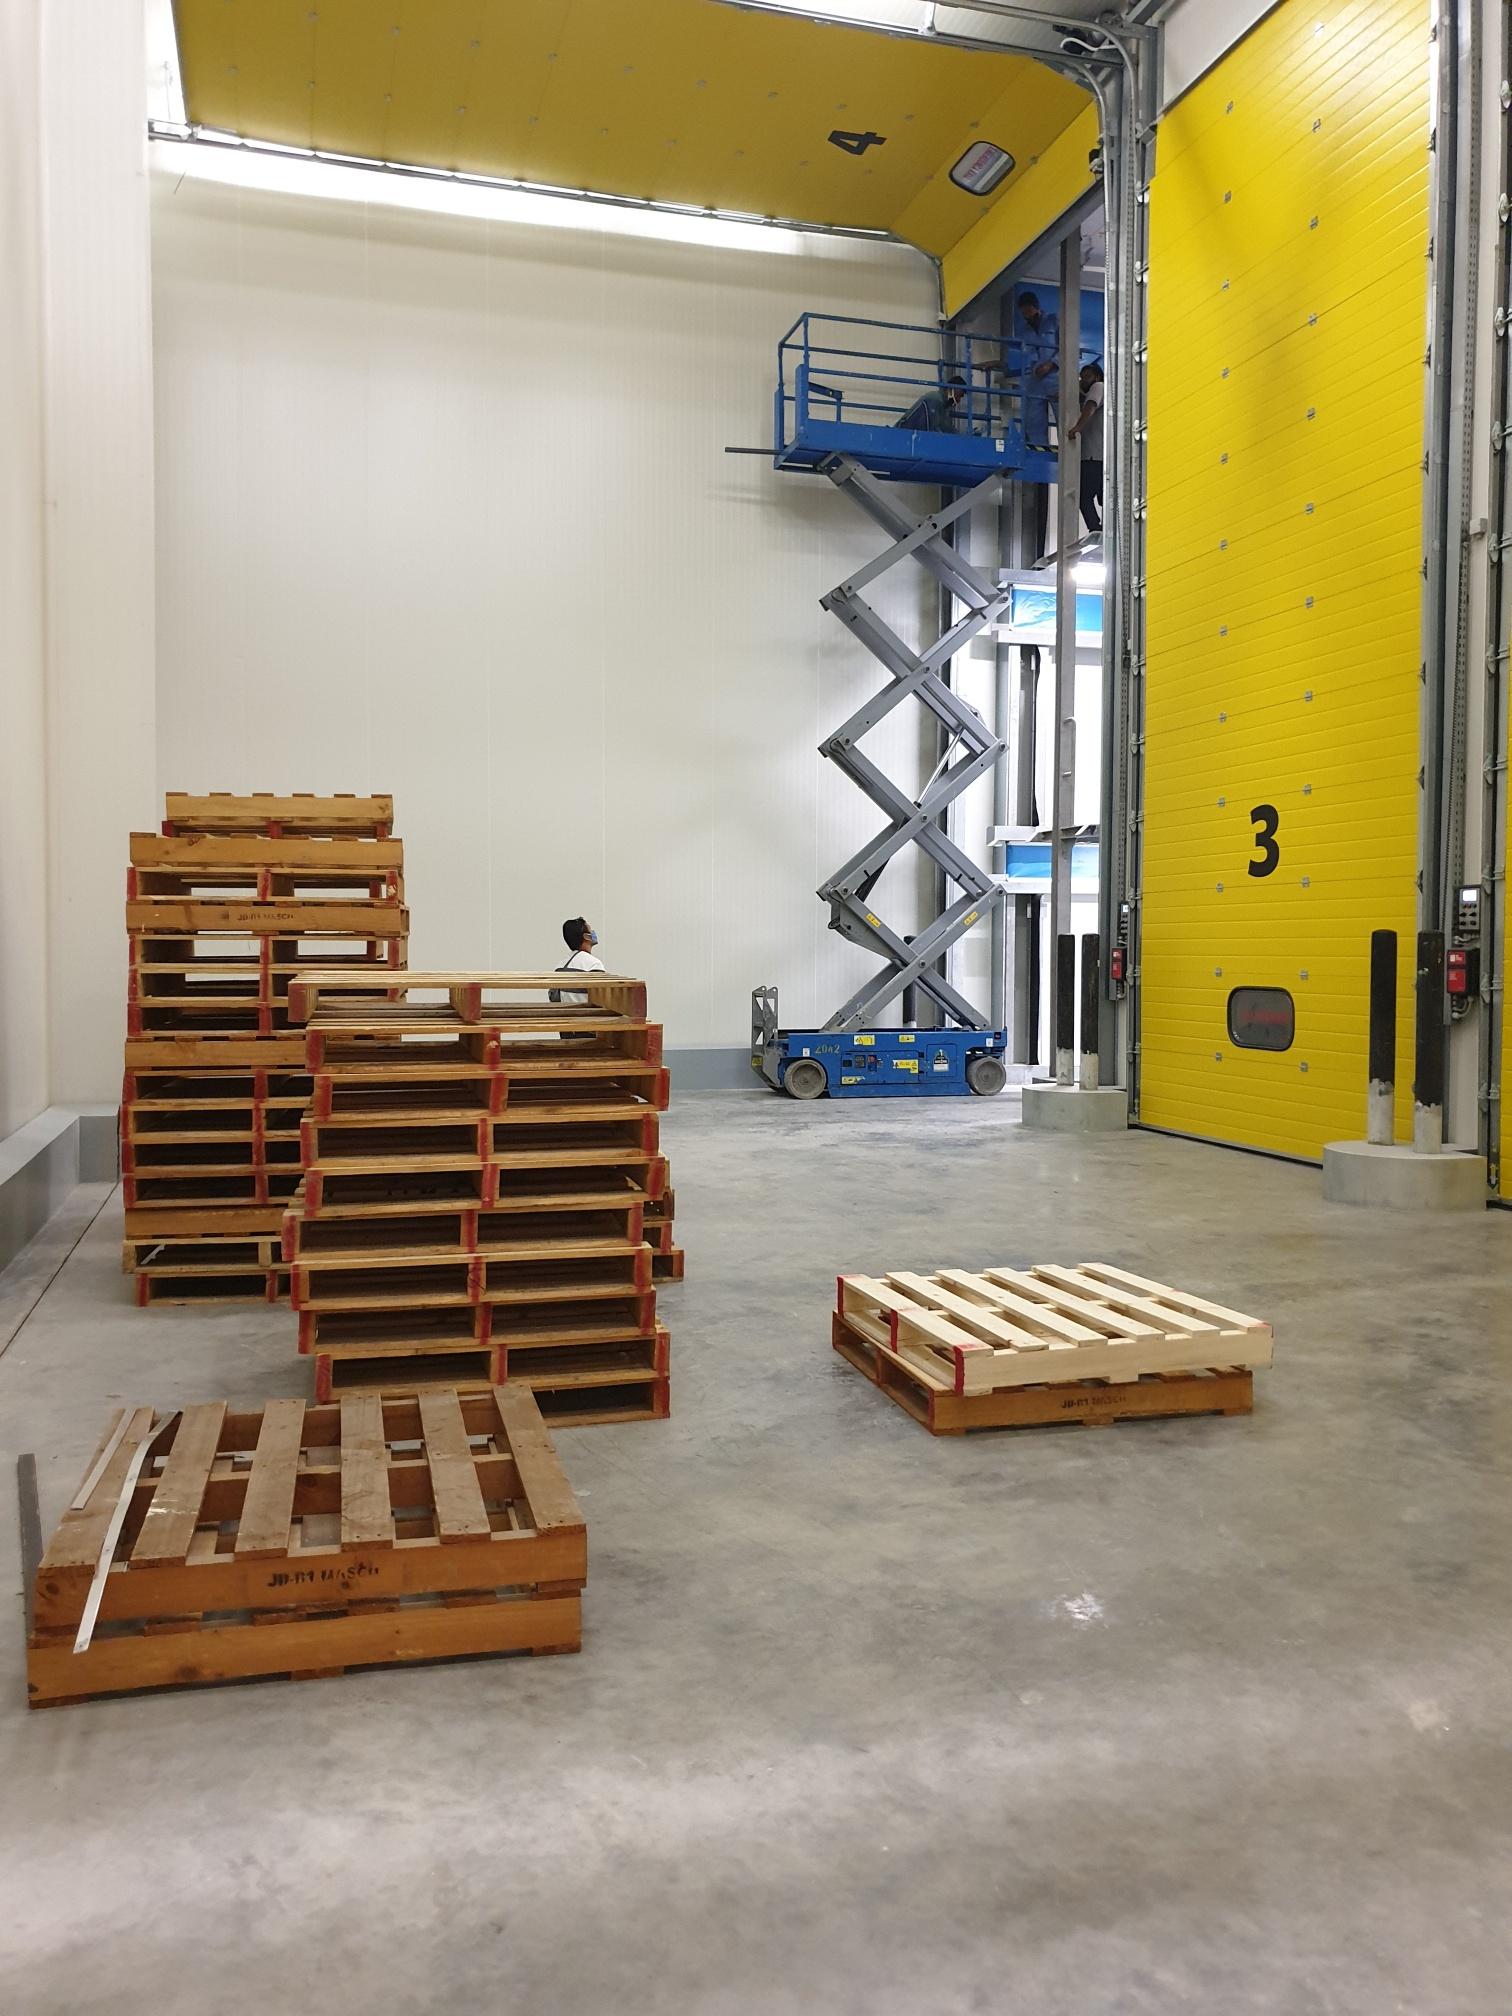 Internal Cold Storage stacking